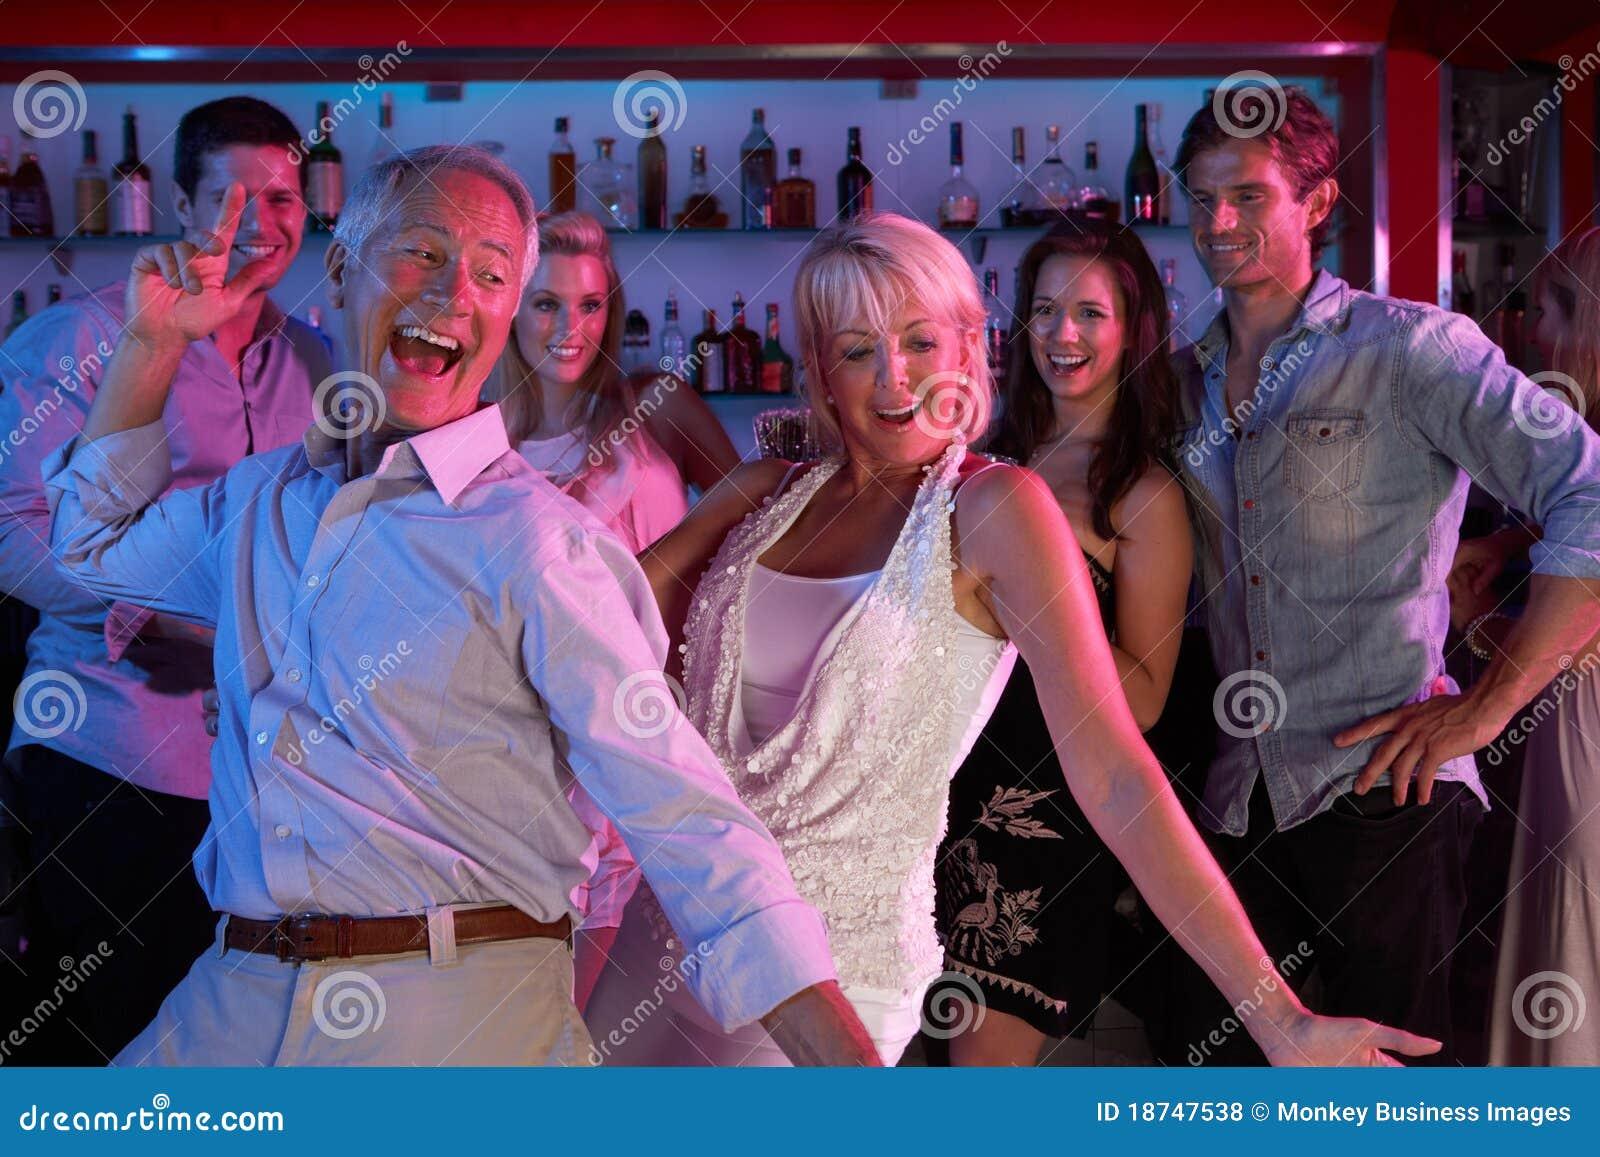 Семейная пара на вечеринке 5 фотография